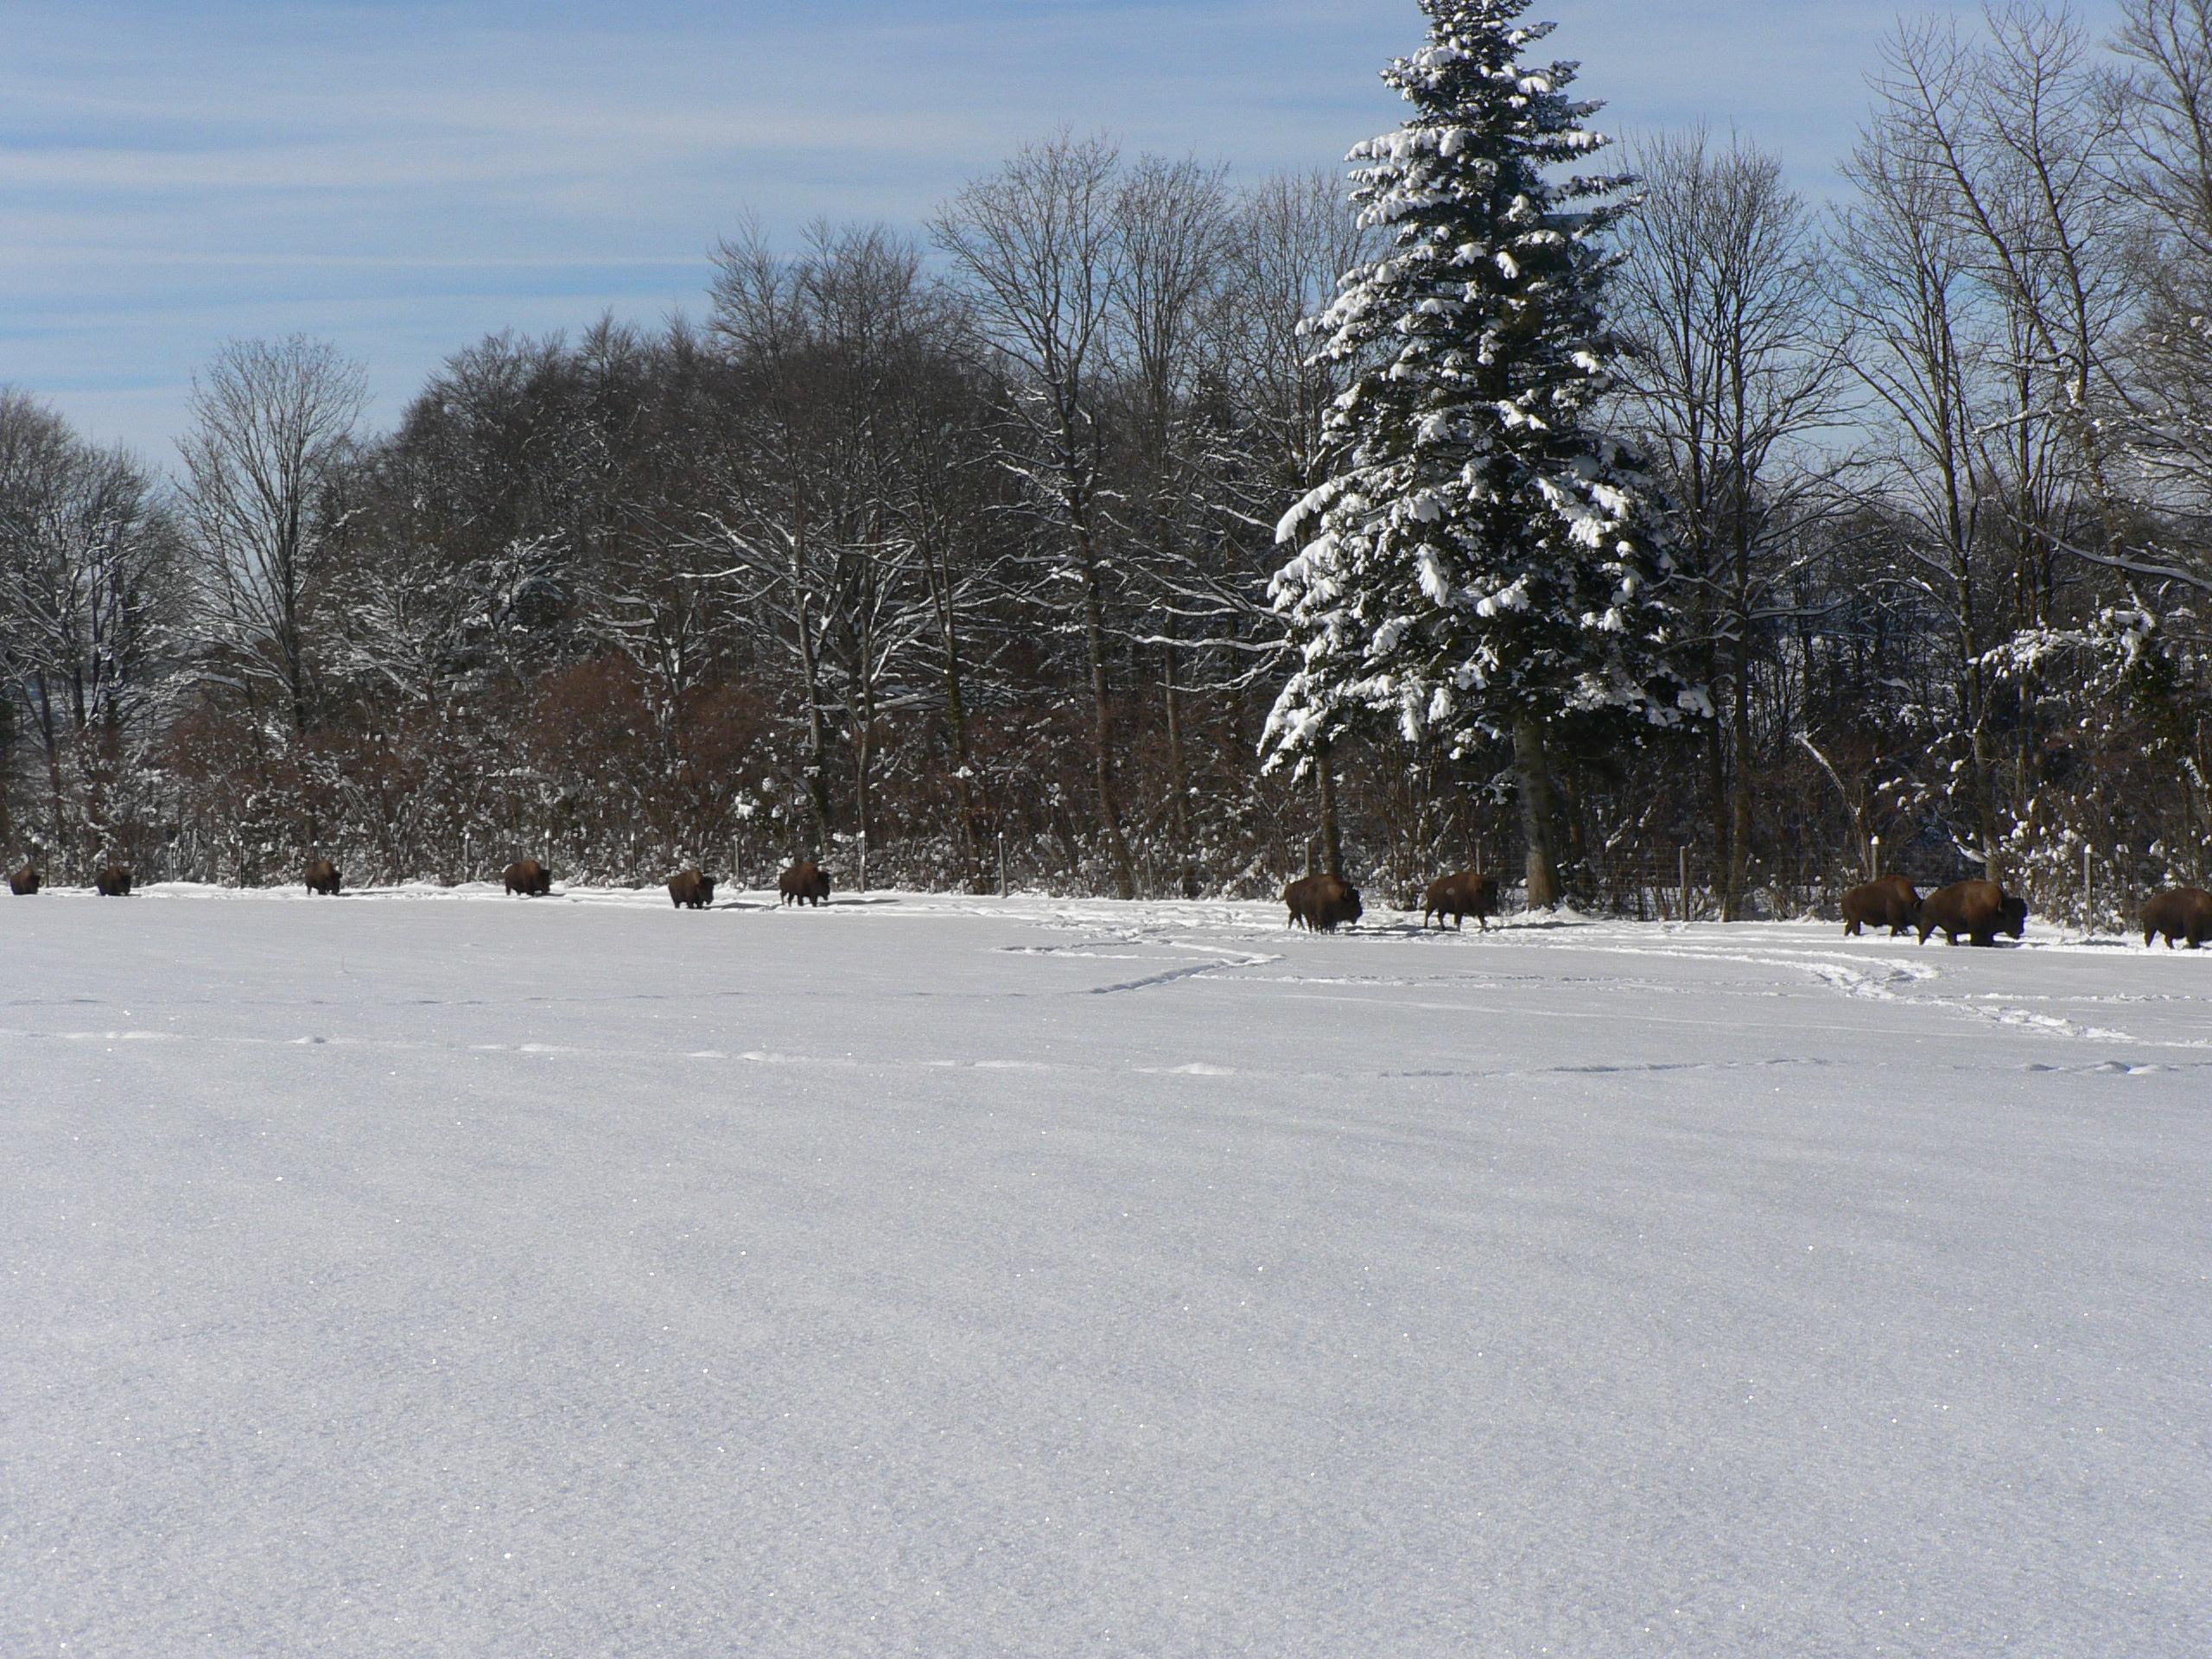 Les bisons du Sachuron sous la neige